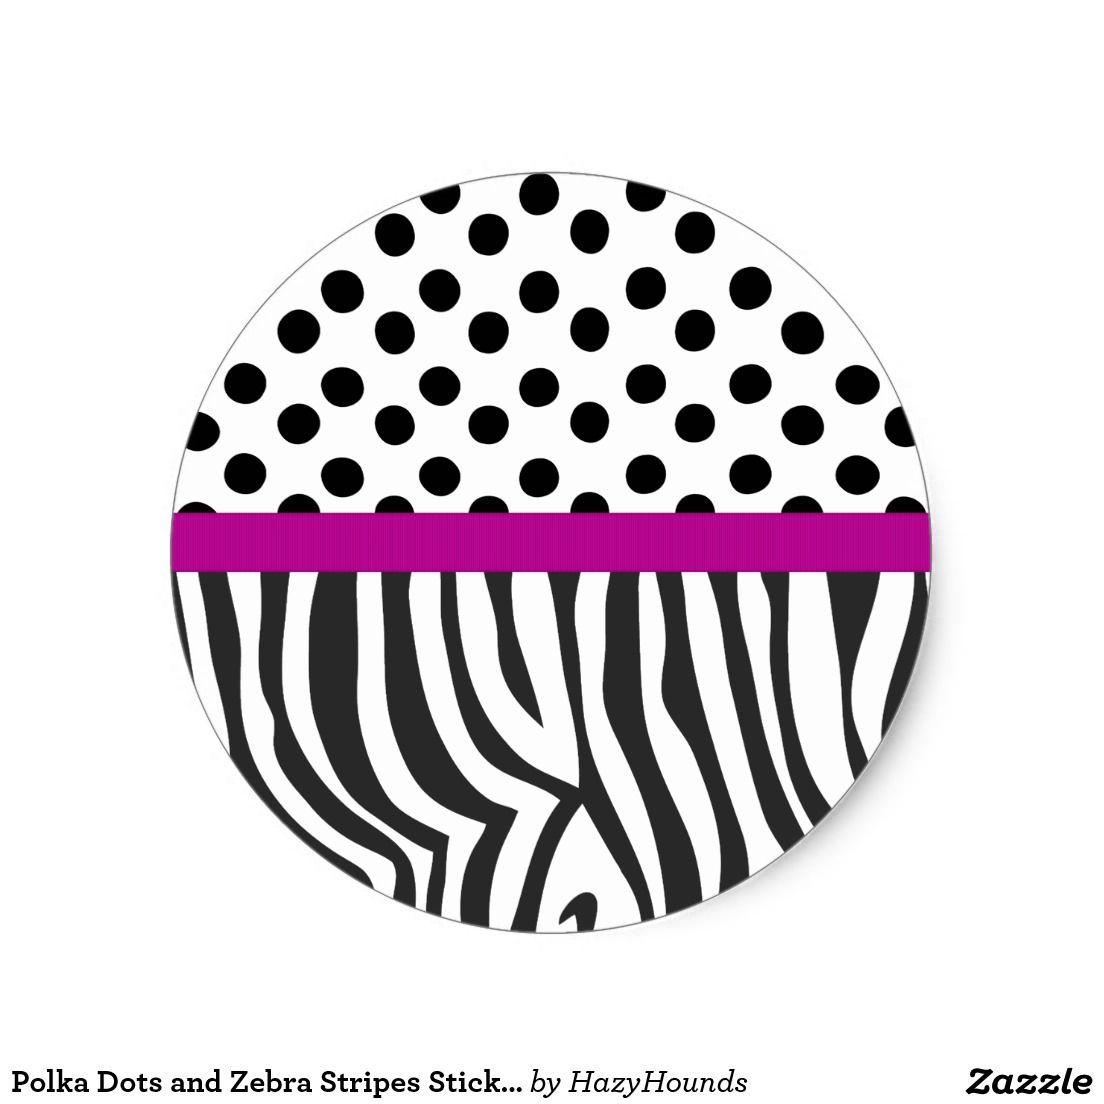 Polka Dots and Zebra Stripes Sticker